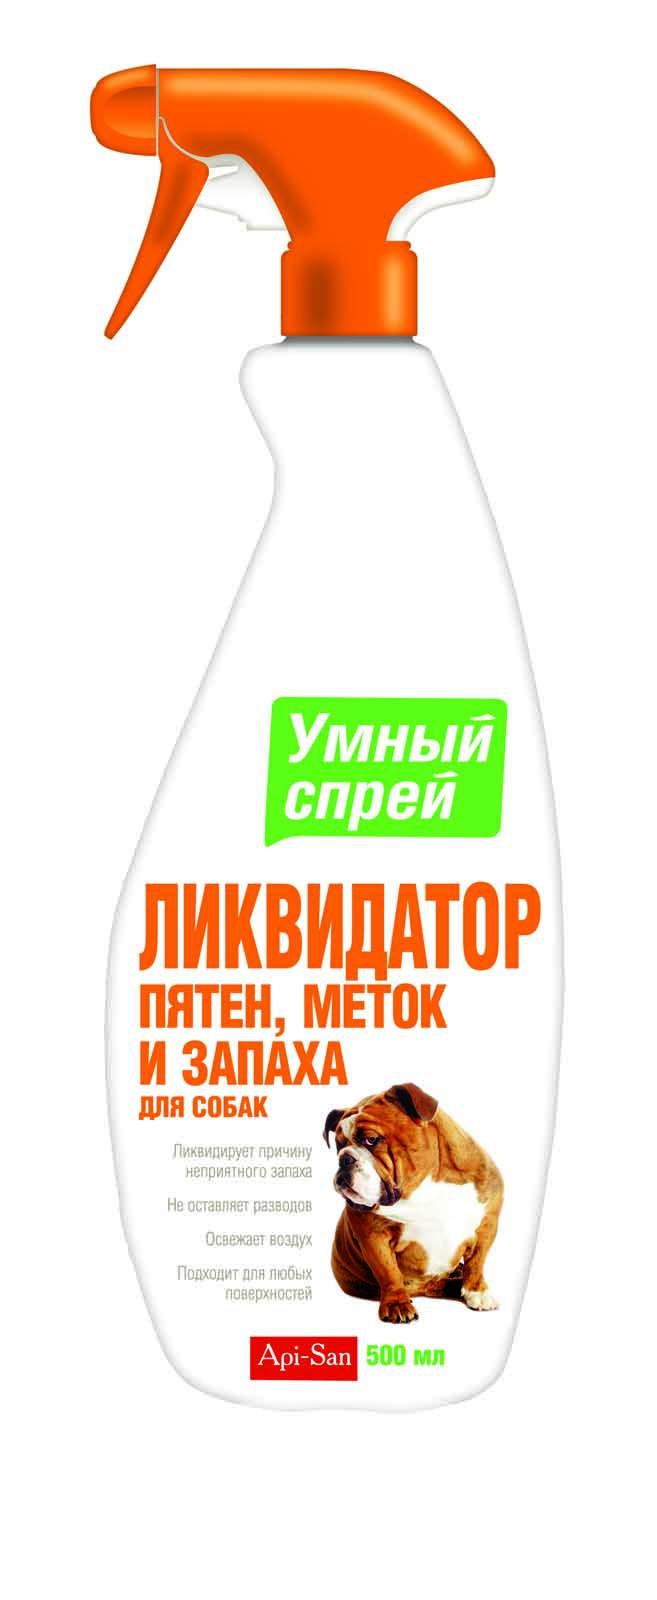 Апи-Сан Умный Спрей 5в1 Ликвидатор пятен, меток и запаха для собак, 500 мл, Api-San